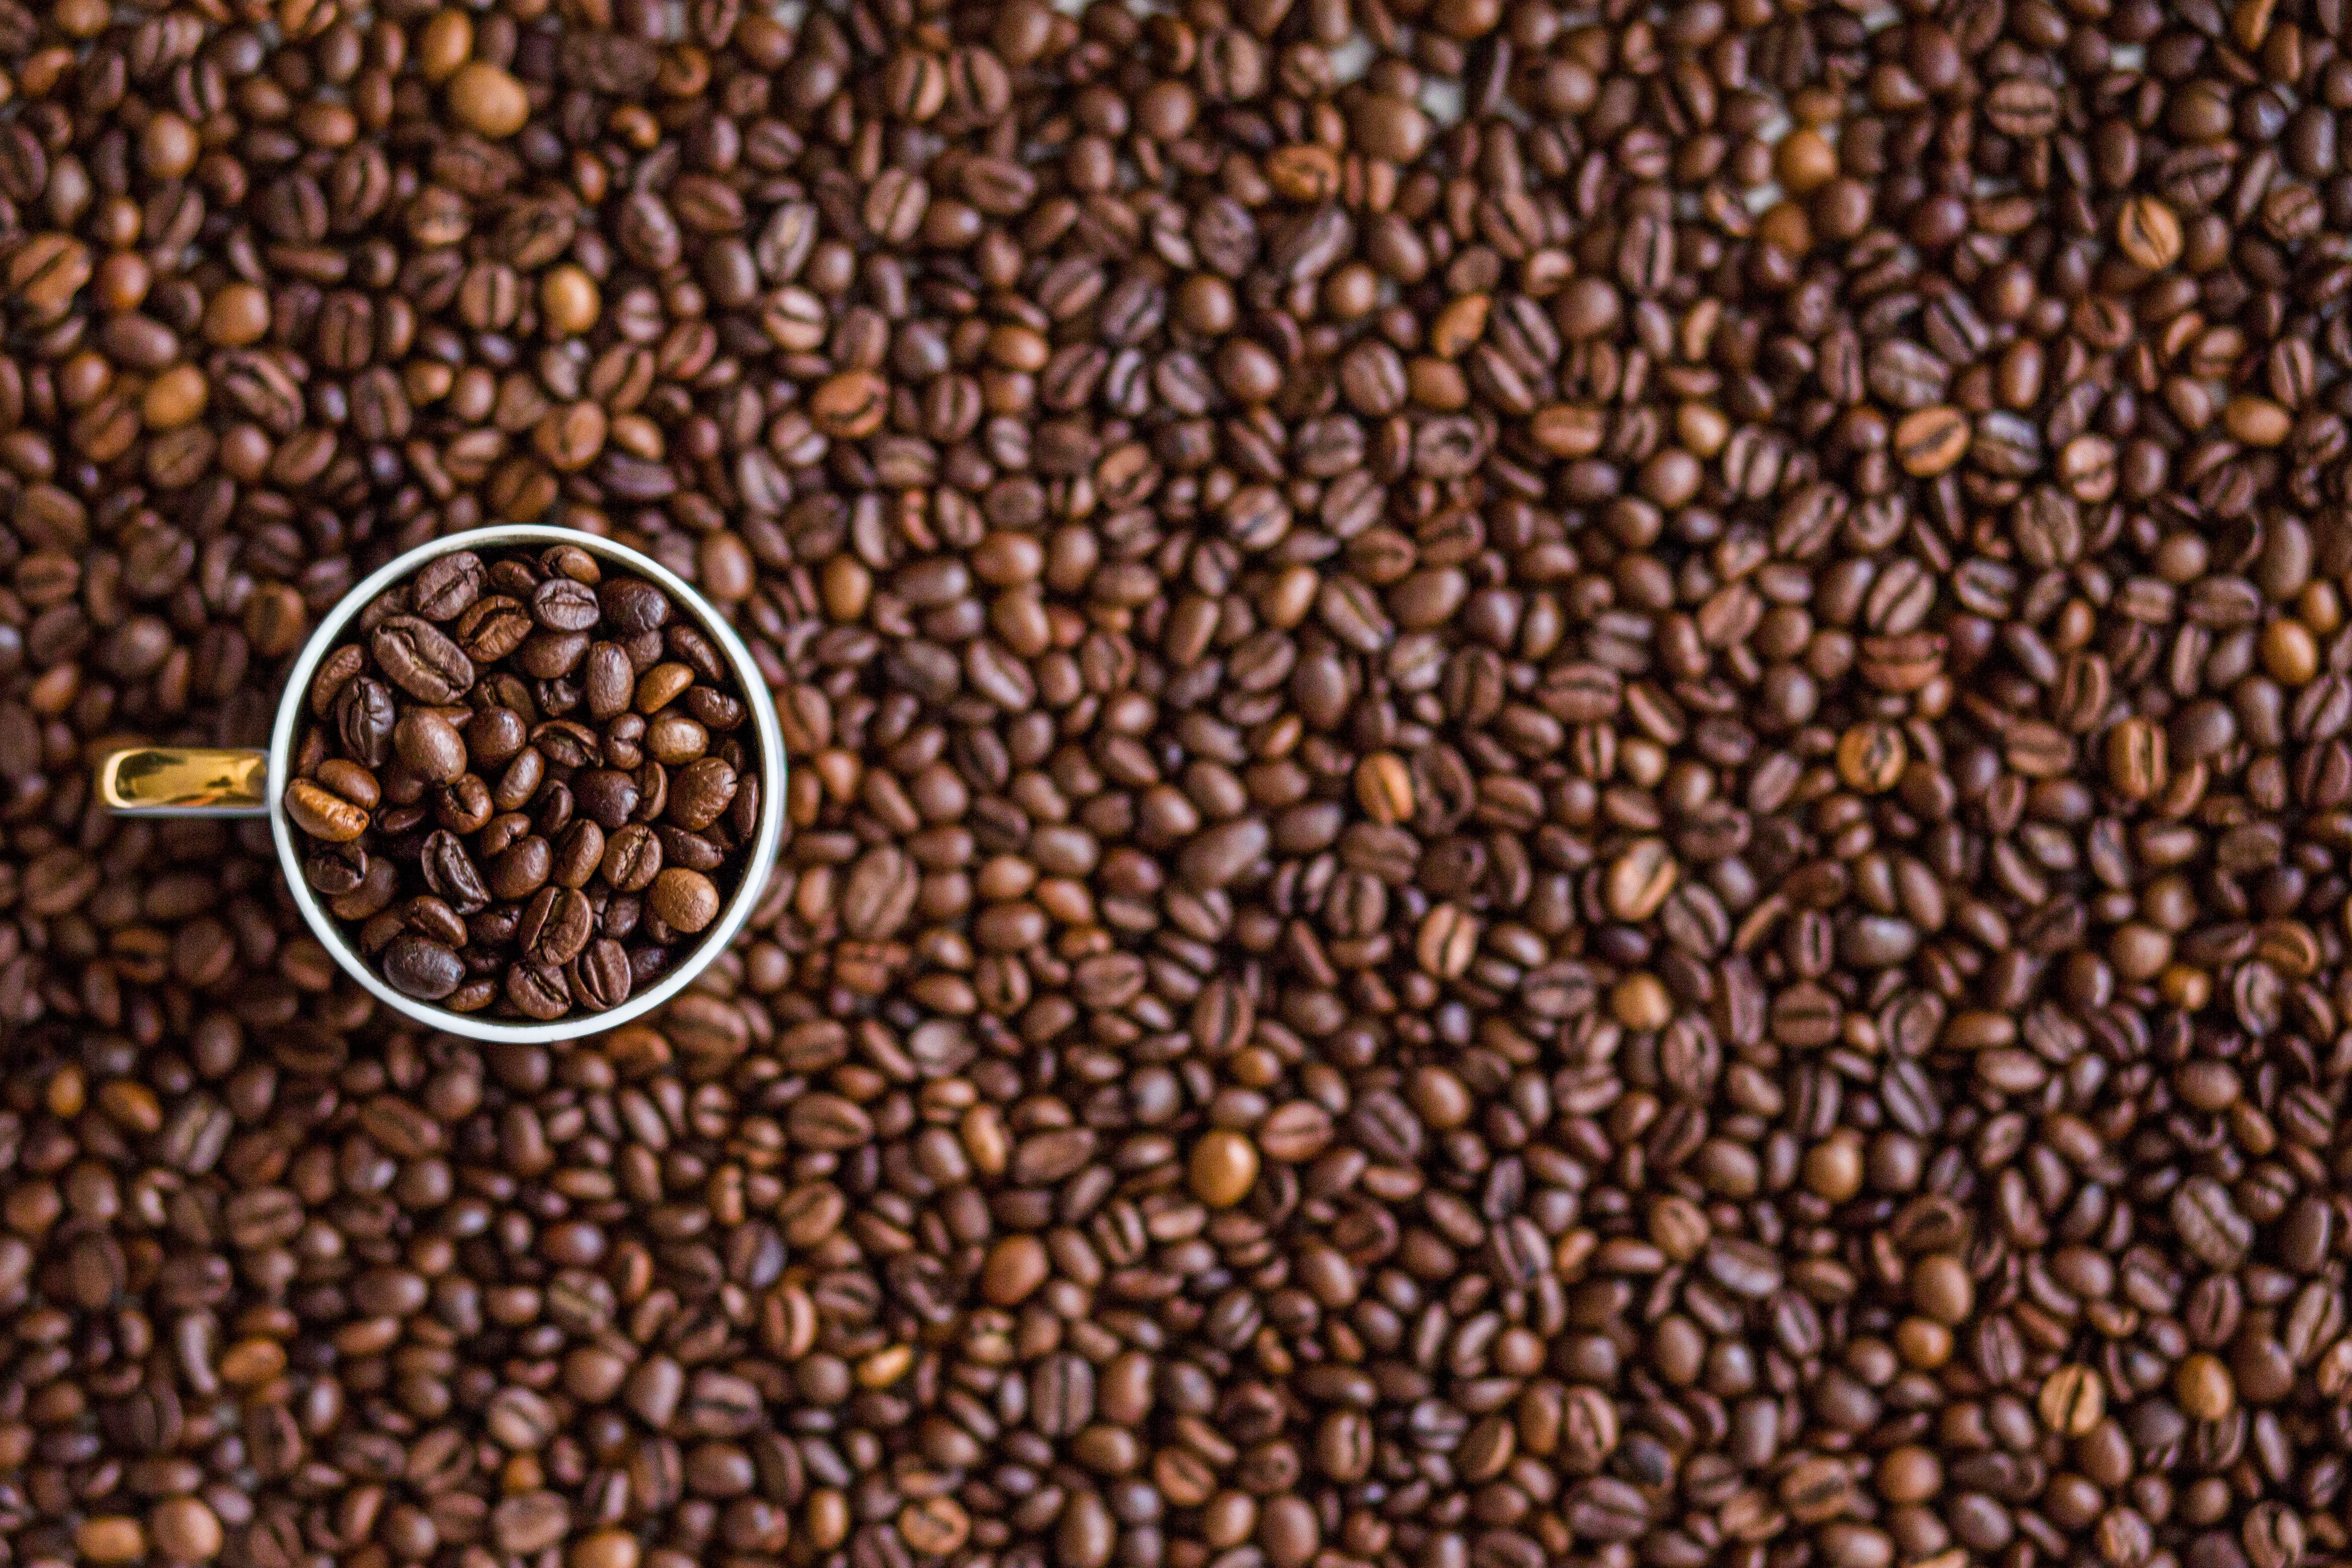 Kostnadsfri bild av bönor, kaffe, kaffebönor, koffein